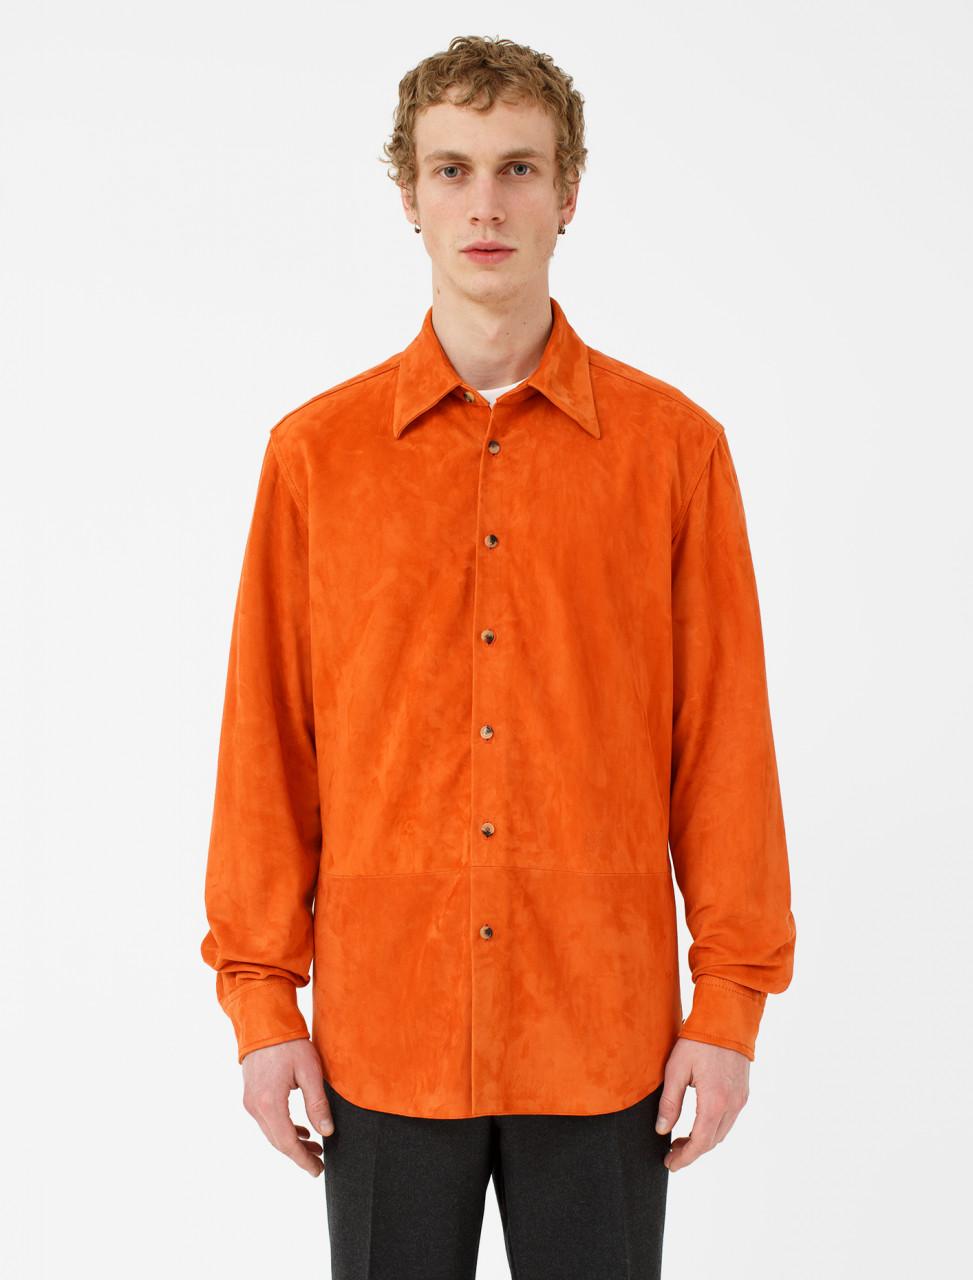 Orange Leather Shirt